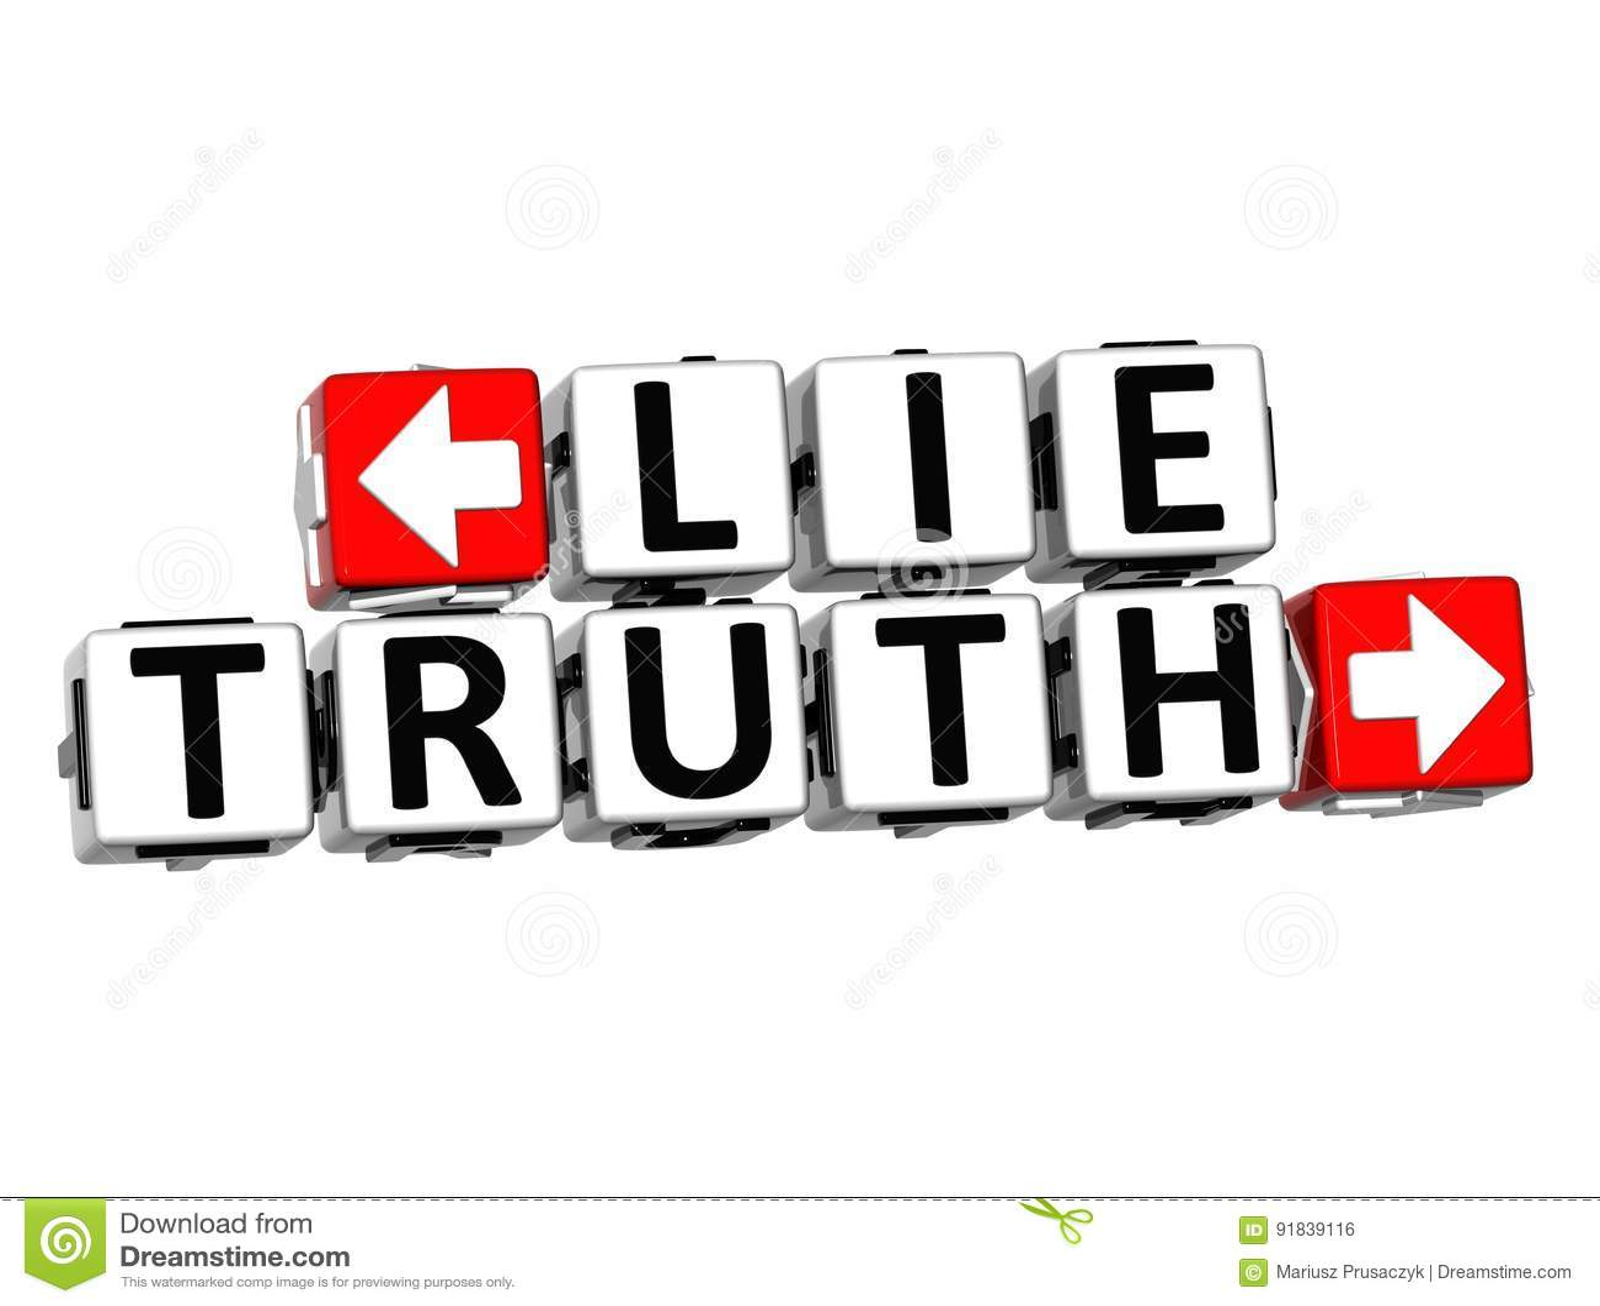 3D Lie Truth Button Click Here Block Text